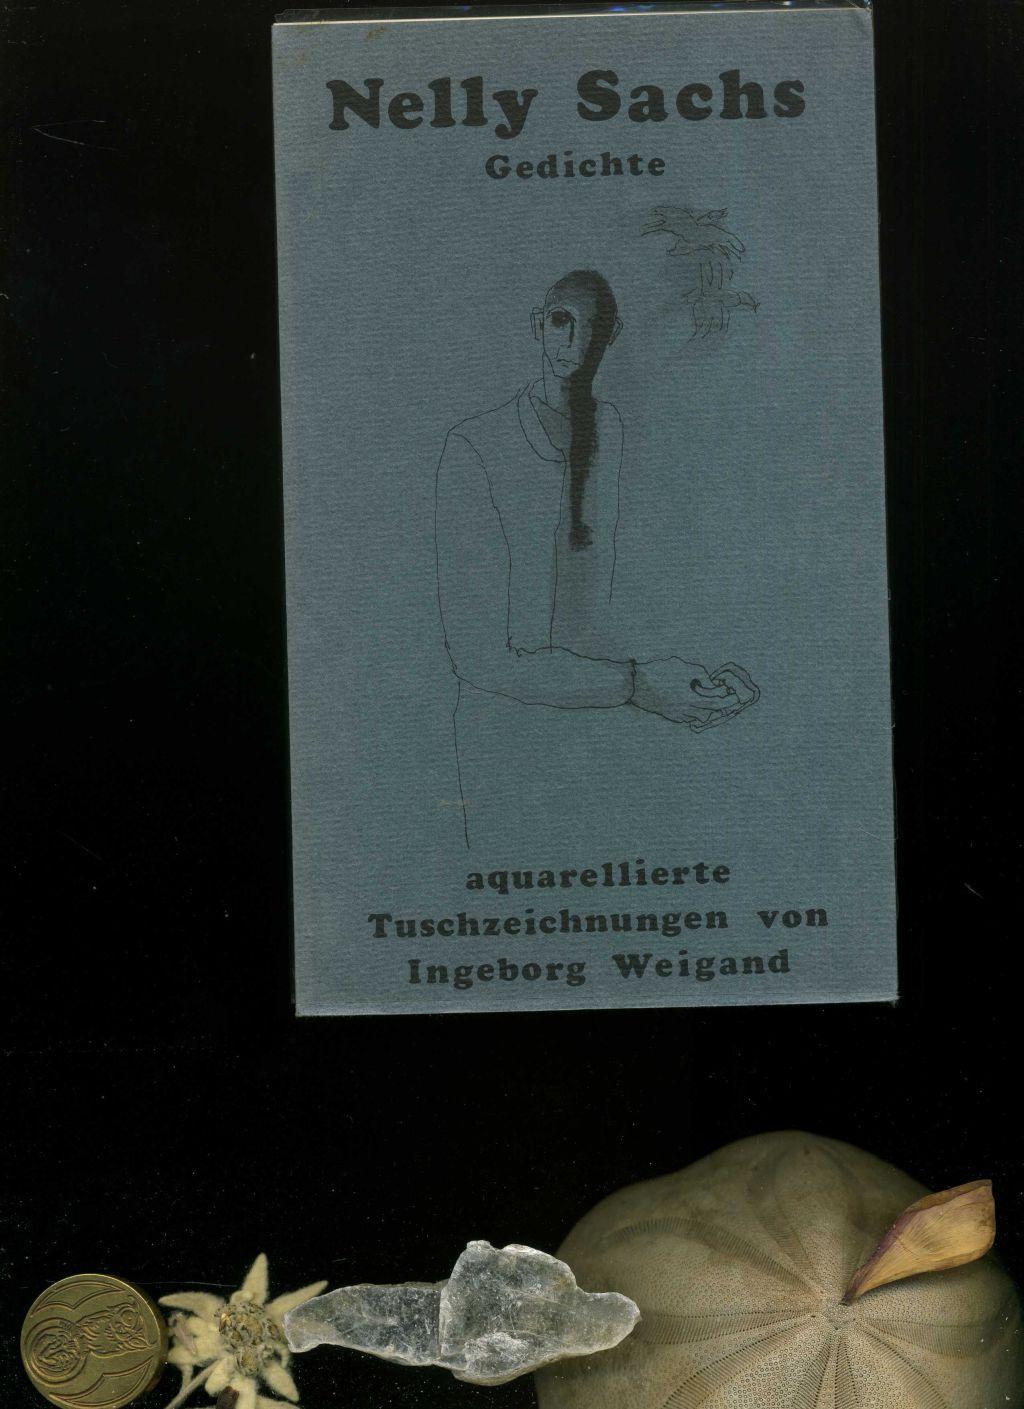 Gedichte. Aquarellierte Tiuschzeichnungen von Rodja Weigand. - Nelly Sachs